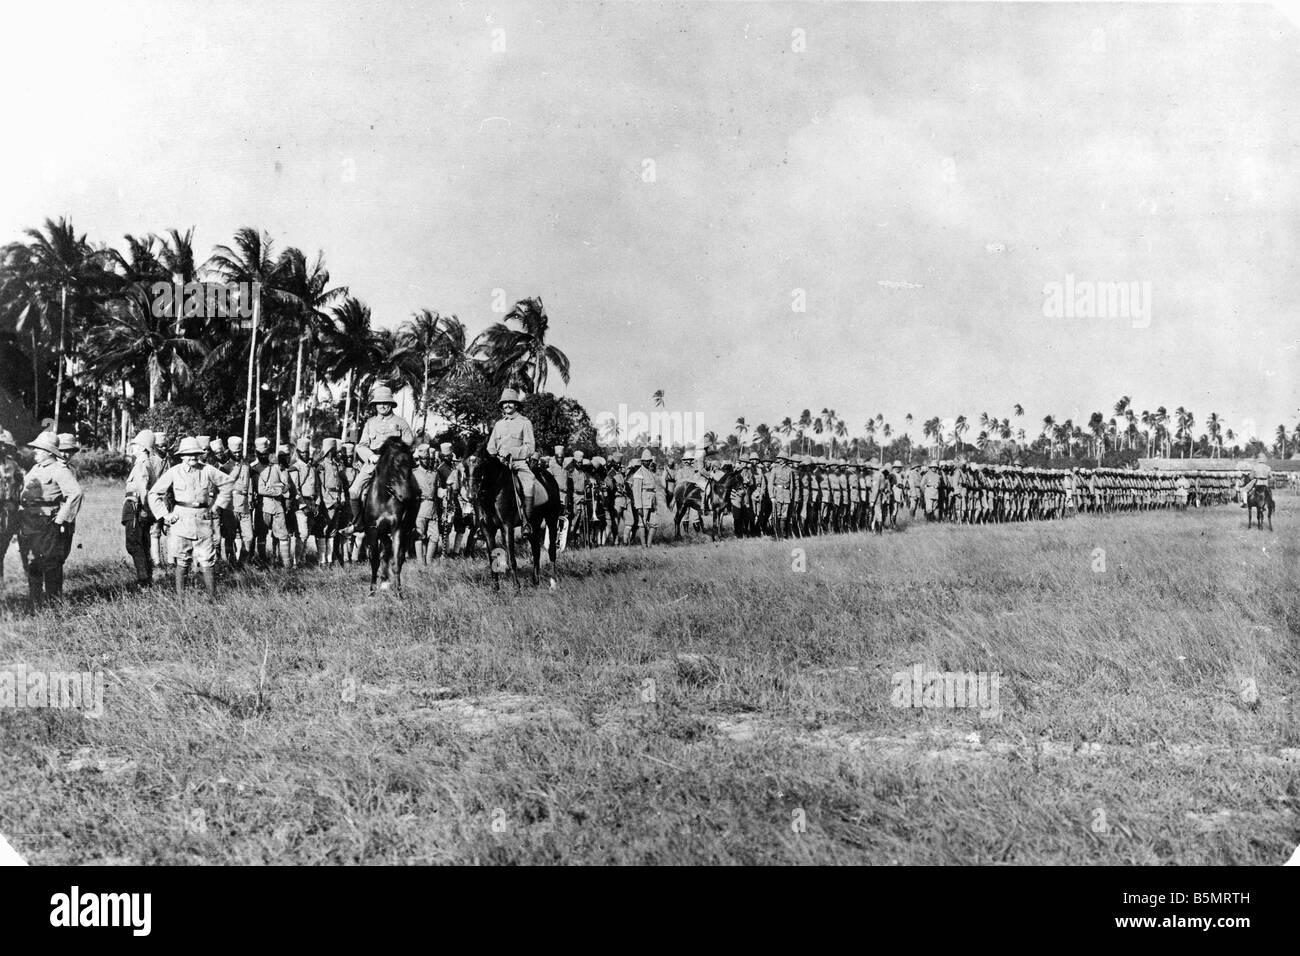 9AF 1914 A3 1 0 0 Défilé des troupes de l'Afrique orientale allemande Seconde Guerre mondiale 1 Guerre dans les colonies l'Afrique orientale allemande maintenant Tanzanie Assemblée Générale Banque D'Images